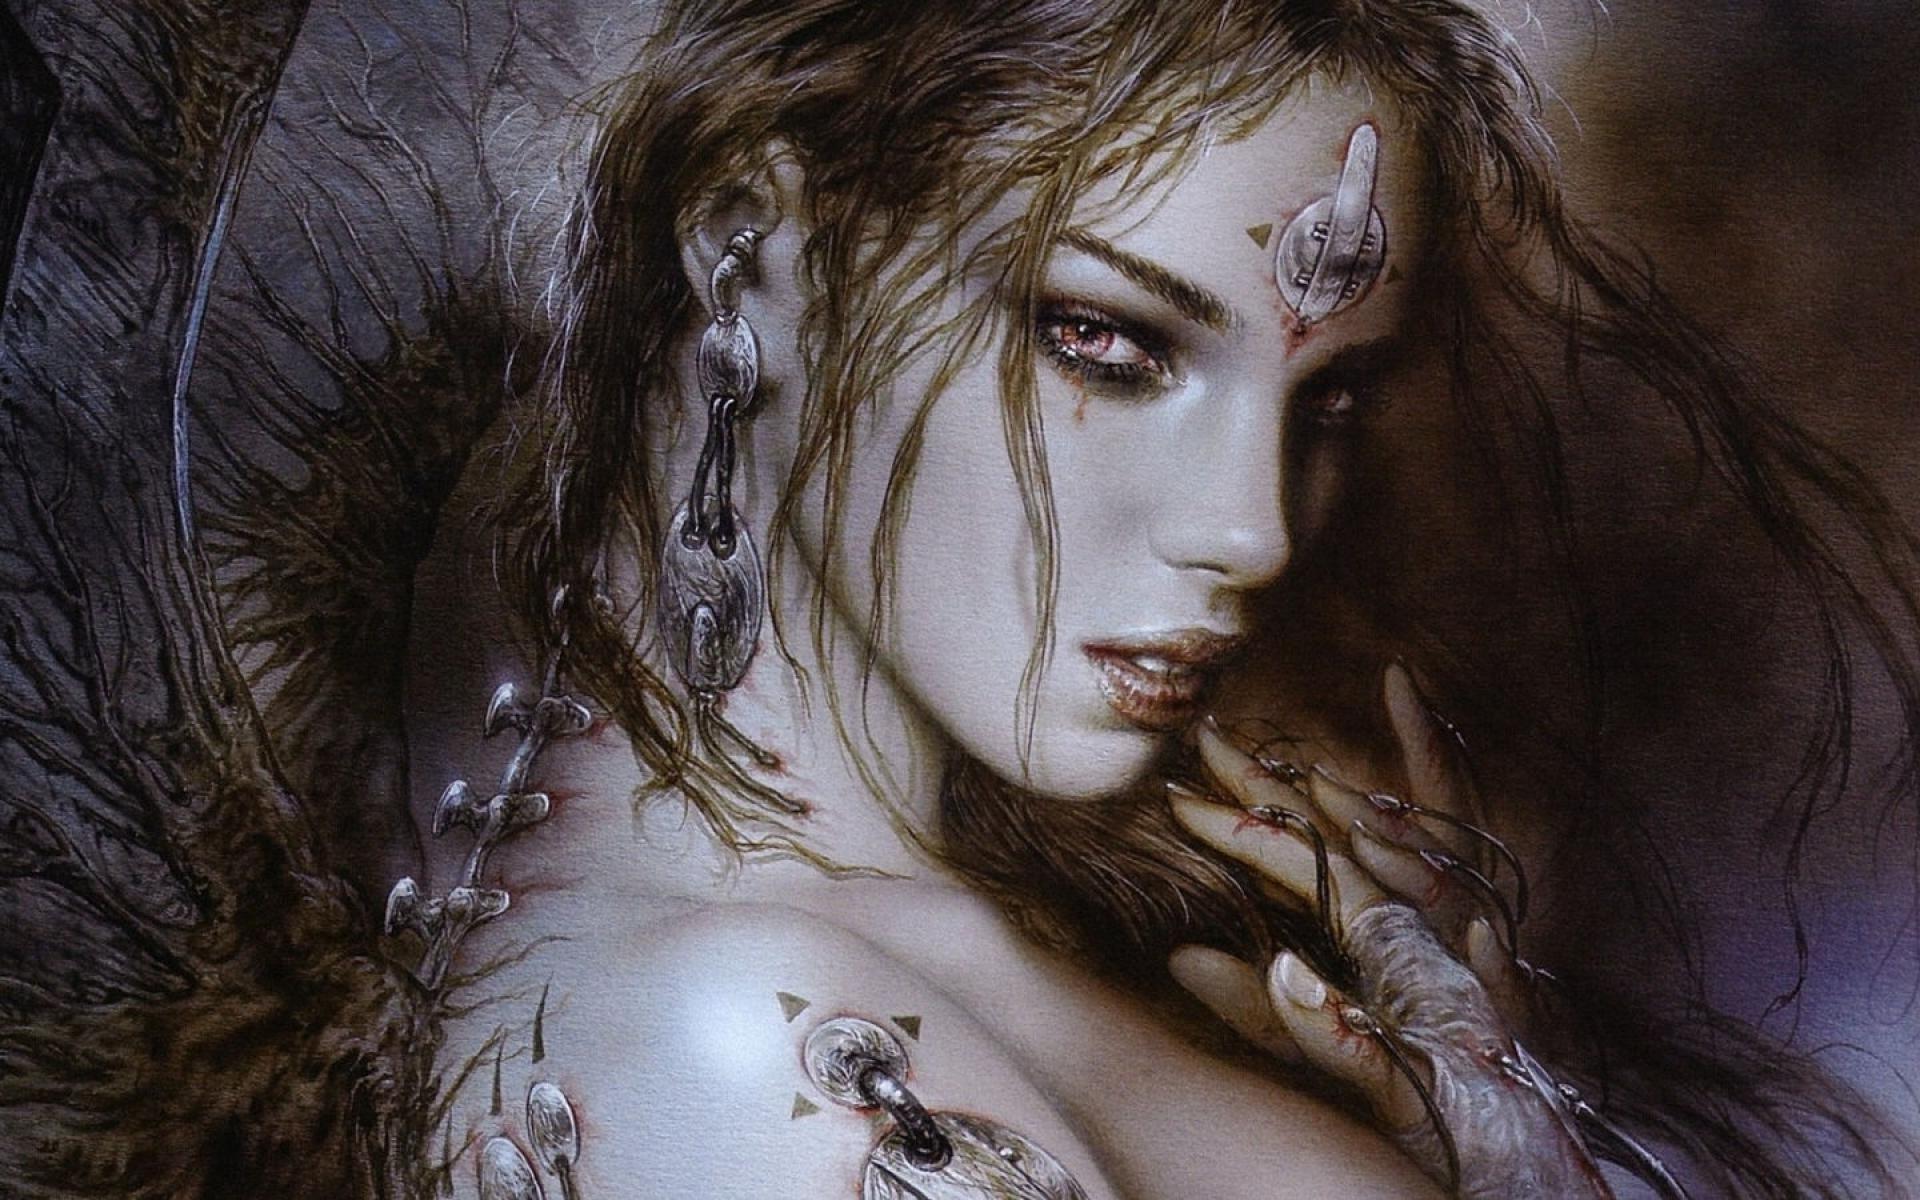 1920x1200 px fantasy art Luis Royo